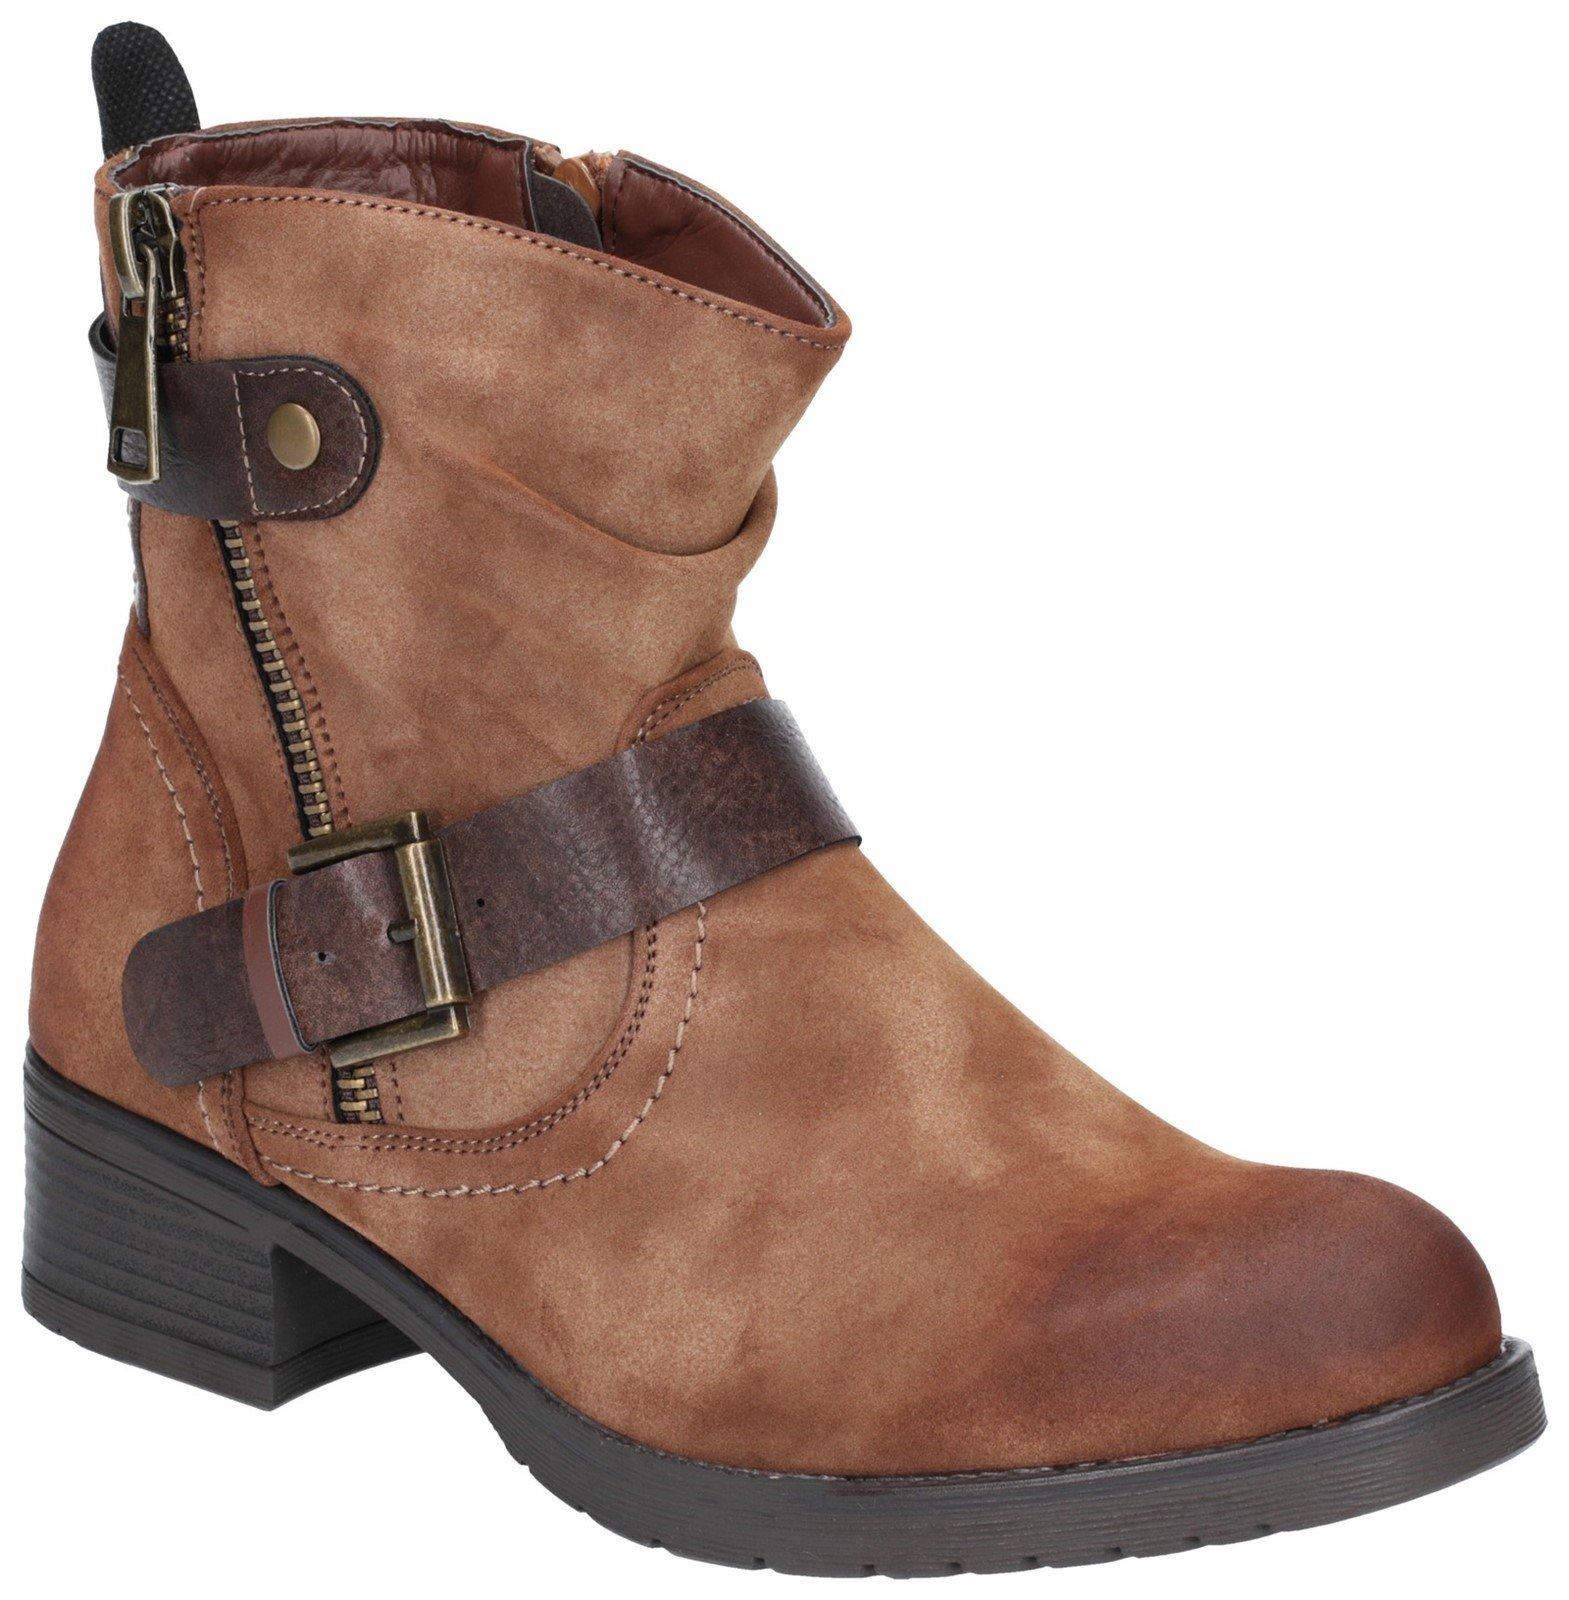 Divaz Women's Jett Zip Up Boot Brown 27166-45651 - Tan 3